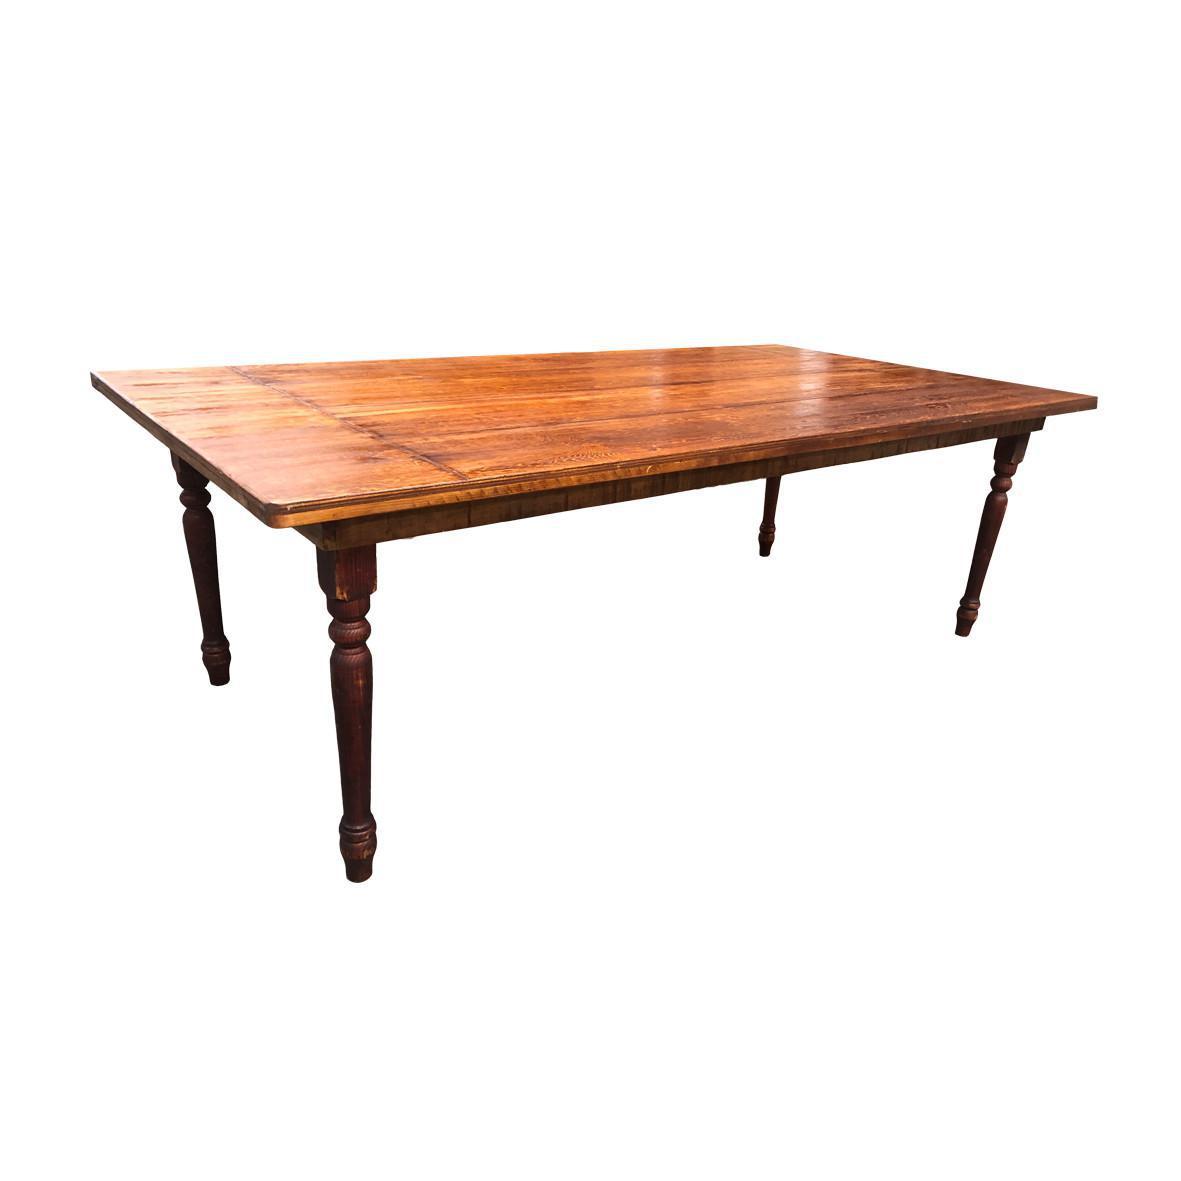 Mesa lime wash madera nogal pata torneada